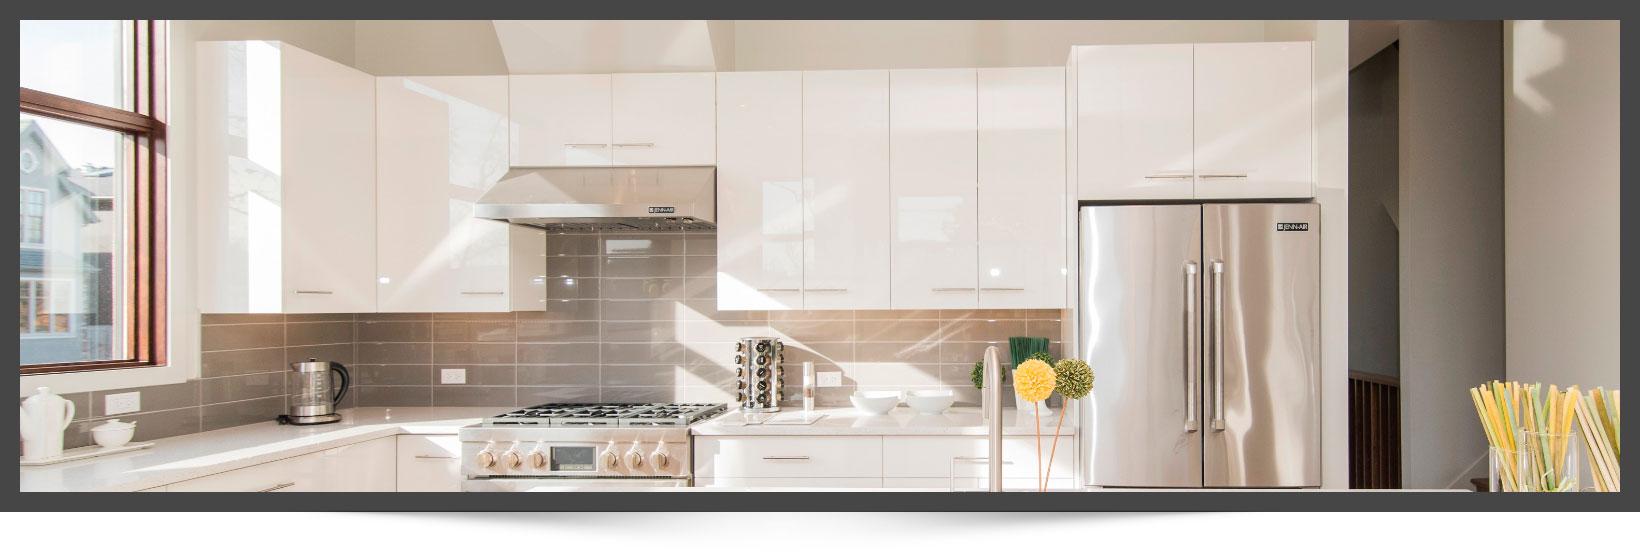 proyecto de mobiliario interior diseño de cocina